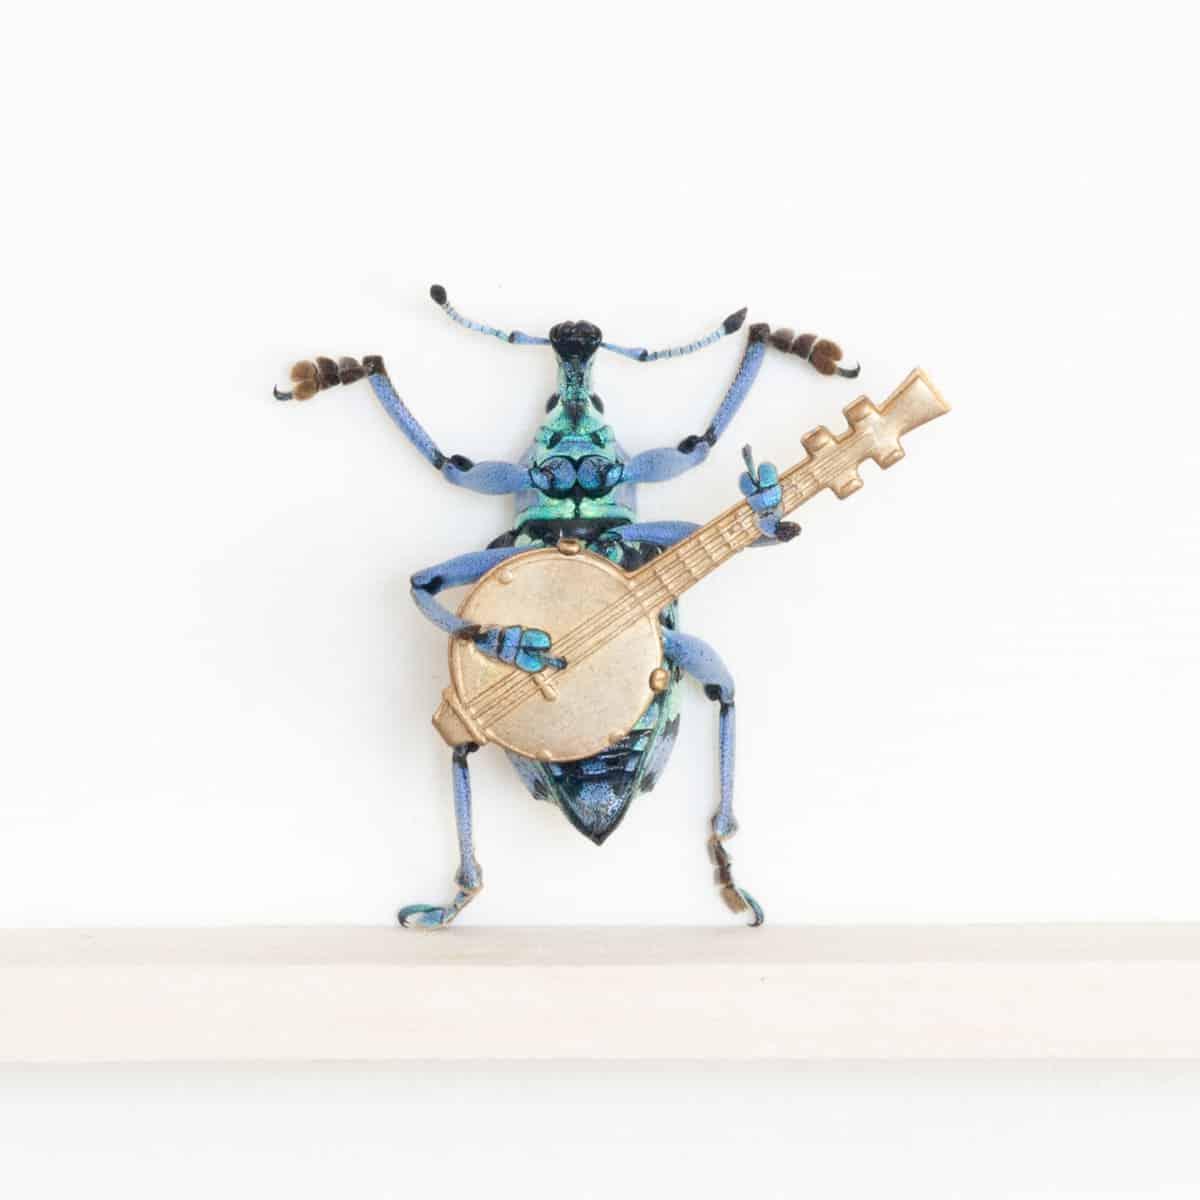 weevil playing banjo